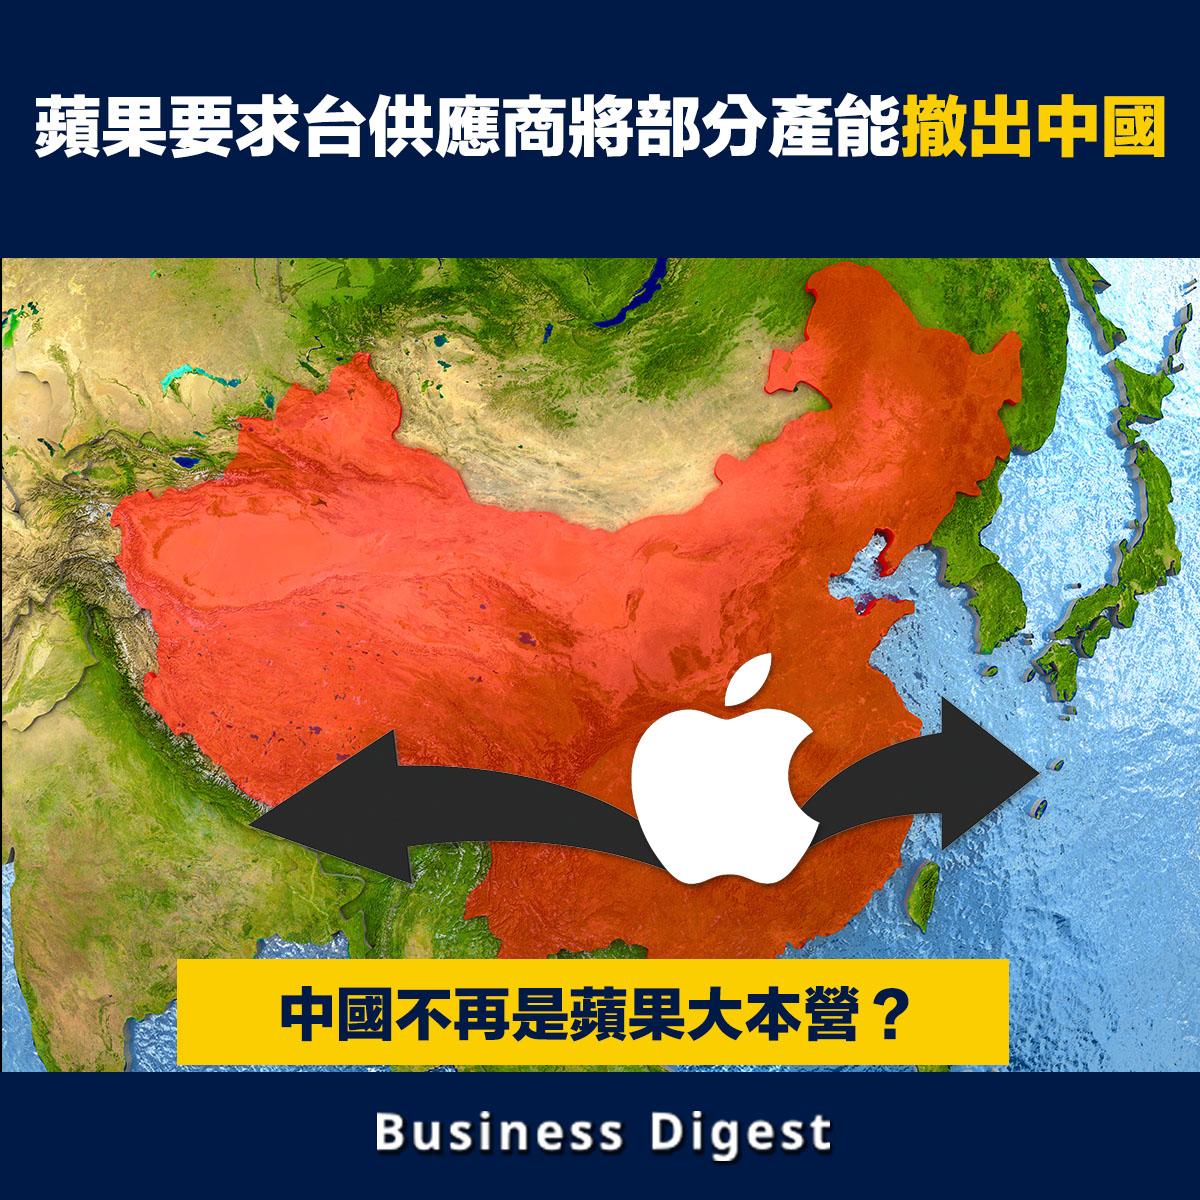 蘋果公司要求供應商在下一個年度實現供應鏈多元化,並已向多家台灣供應商發通知,要求廠商將15%至30%的生產業務撤出中國。